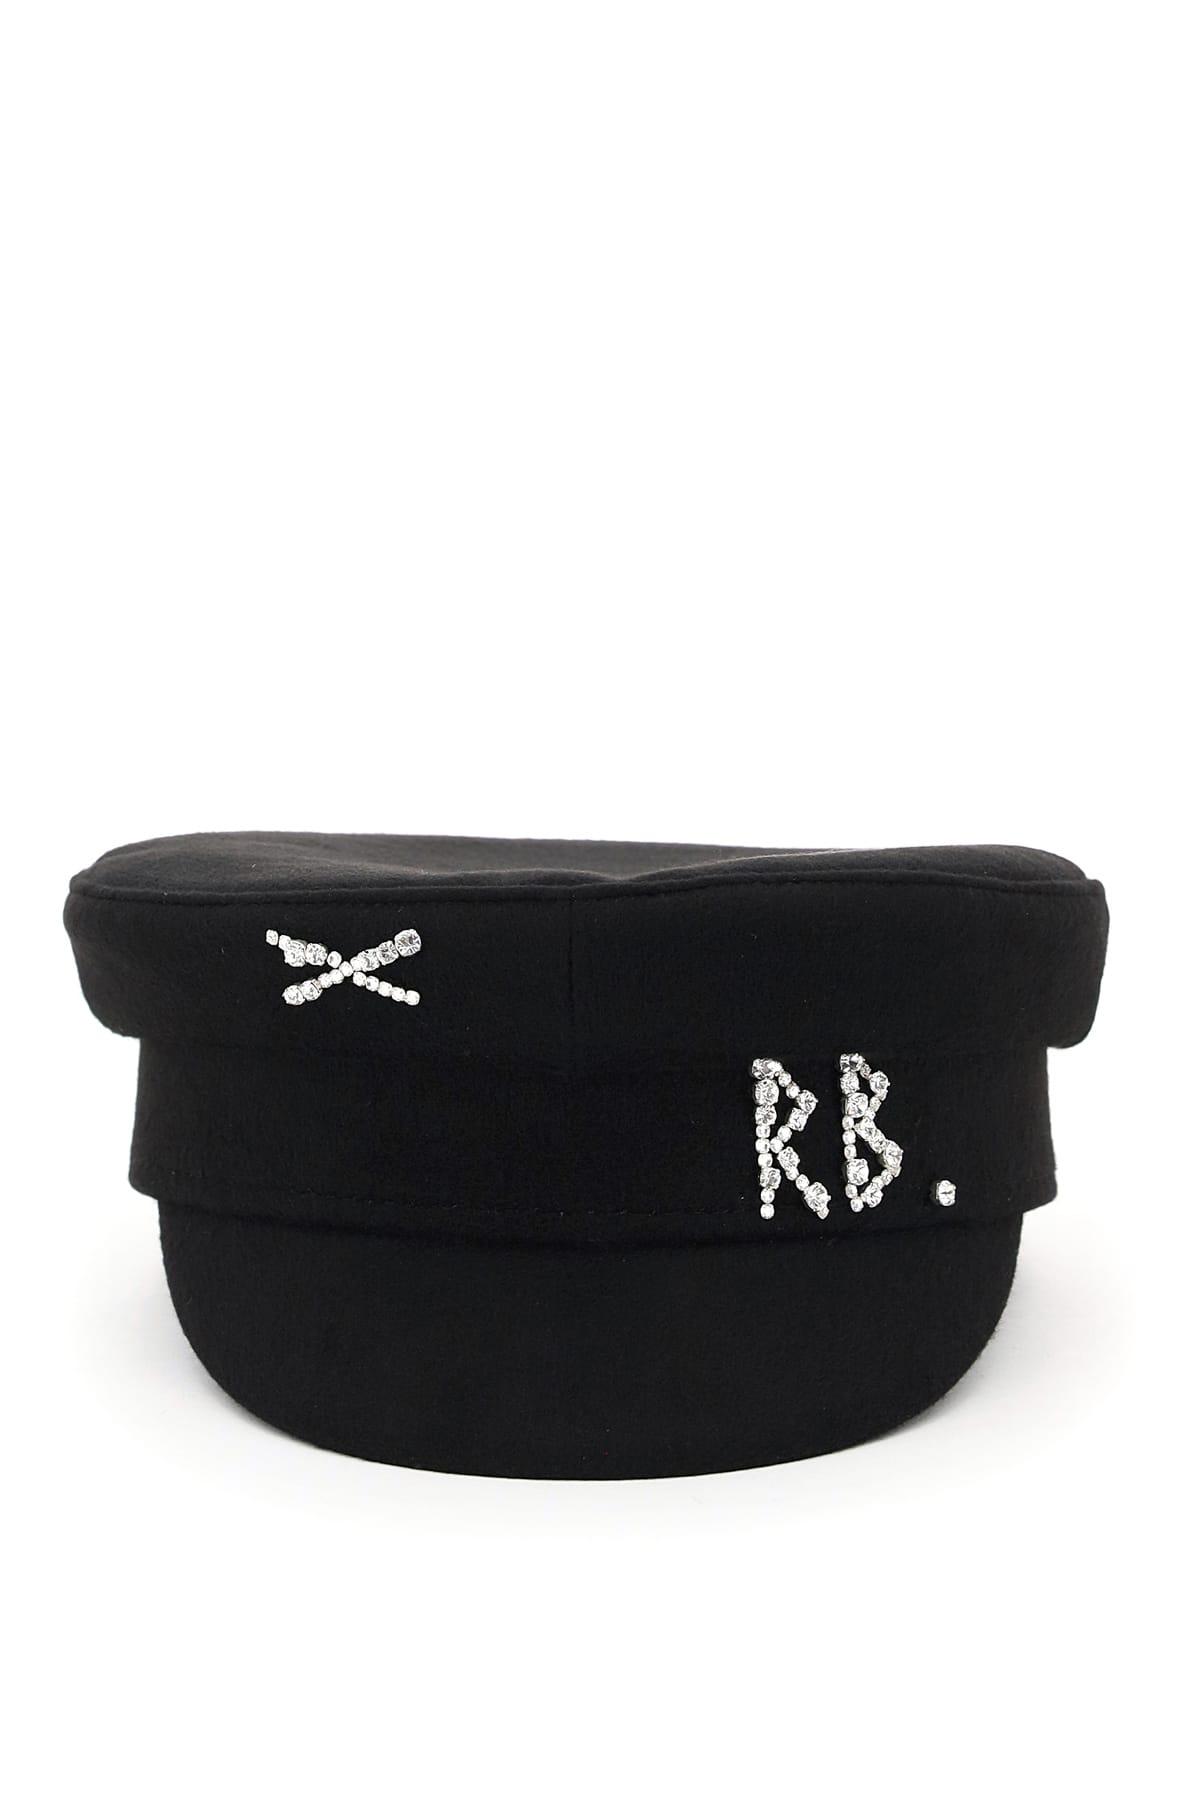 RUSLAN BAGINSKIY BAKER BOY HAT CRYSTAL RB S Black Wool